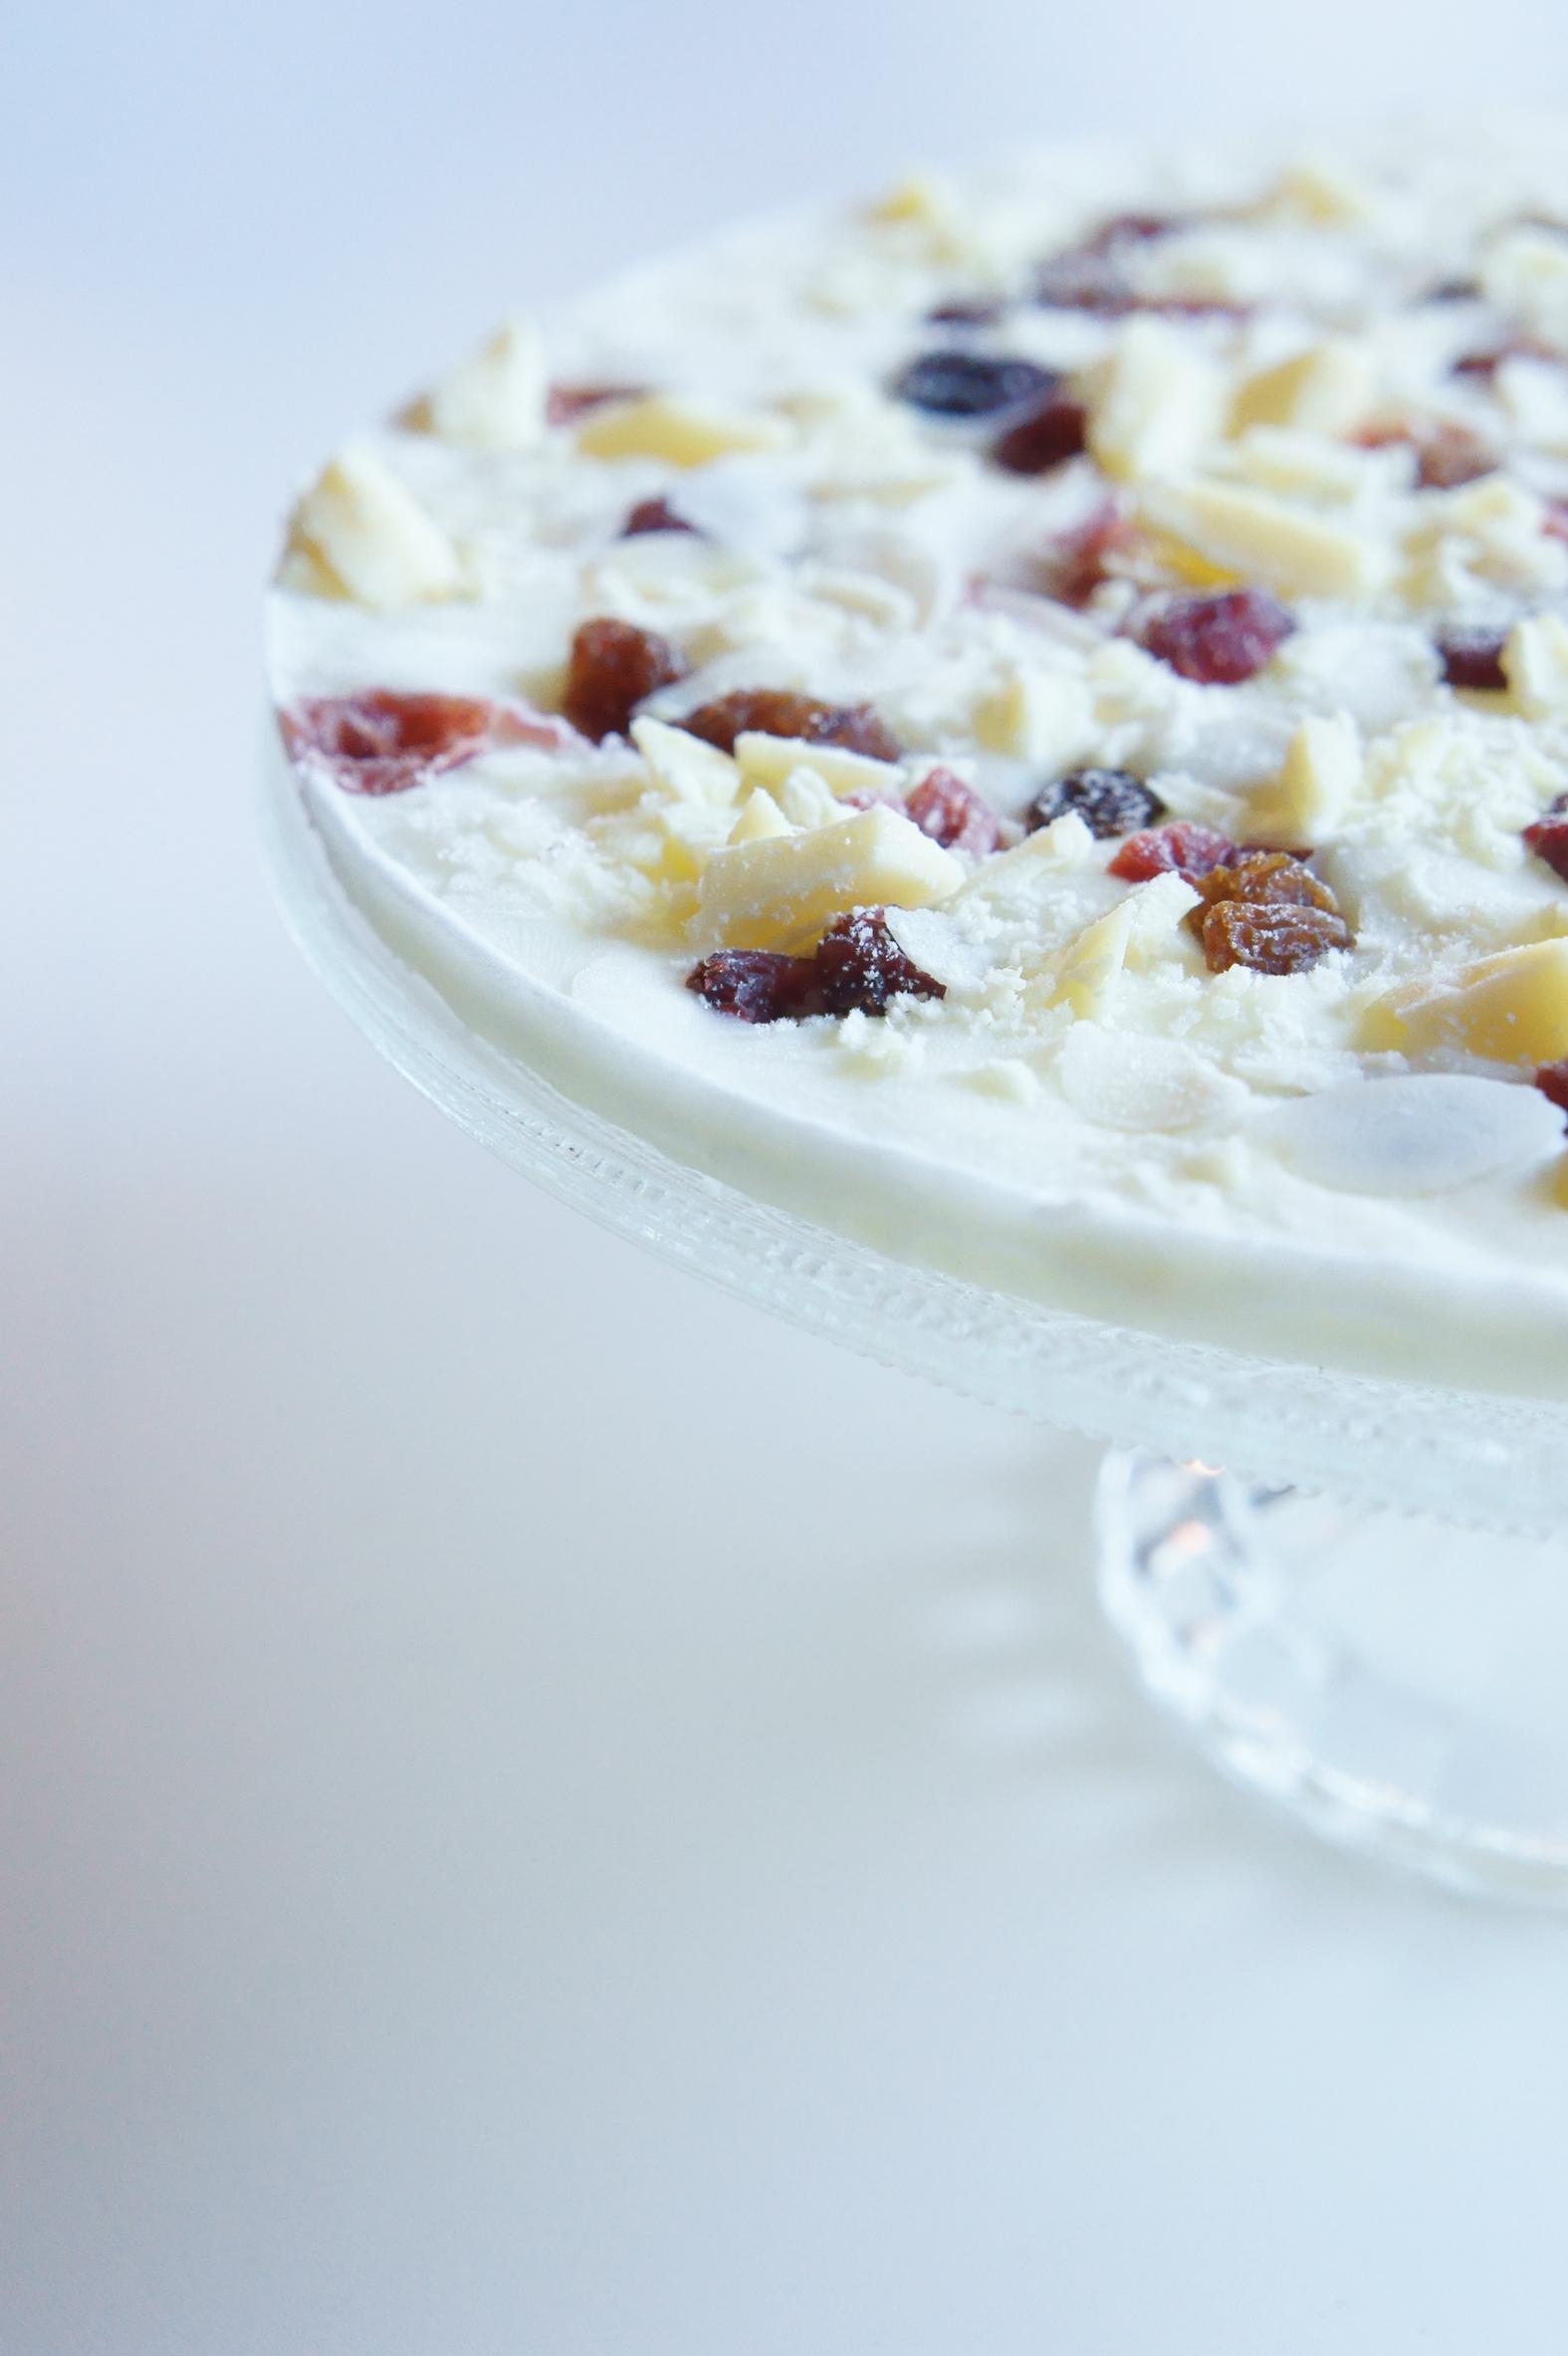 yogurt gelato